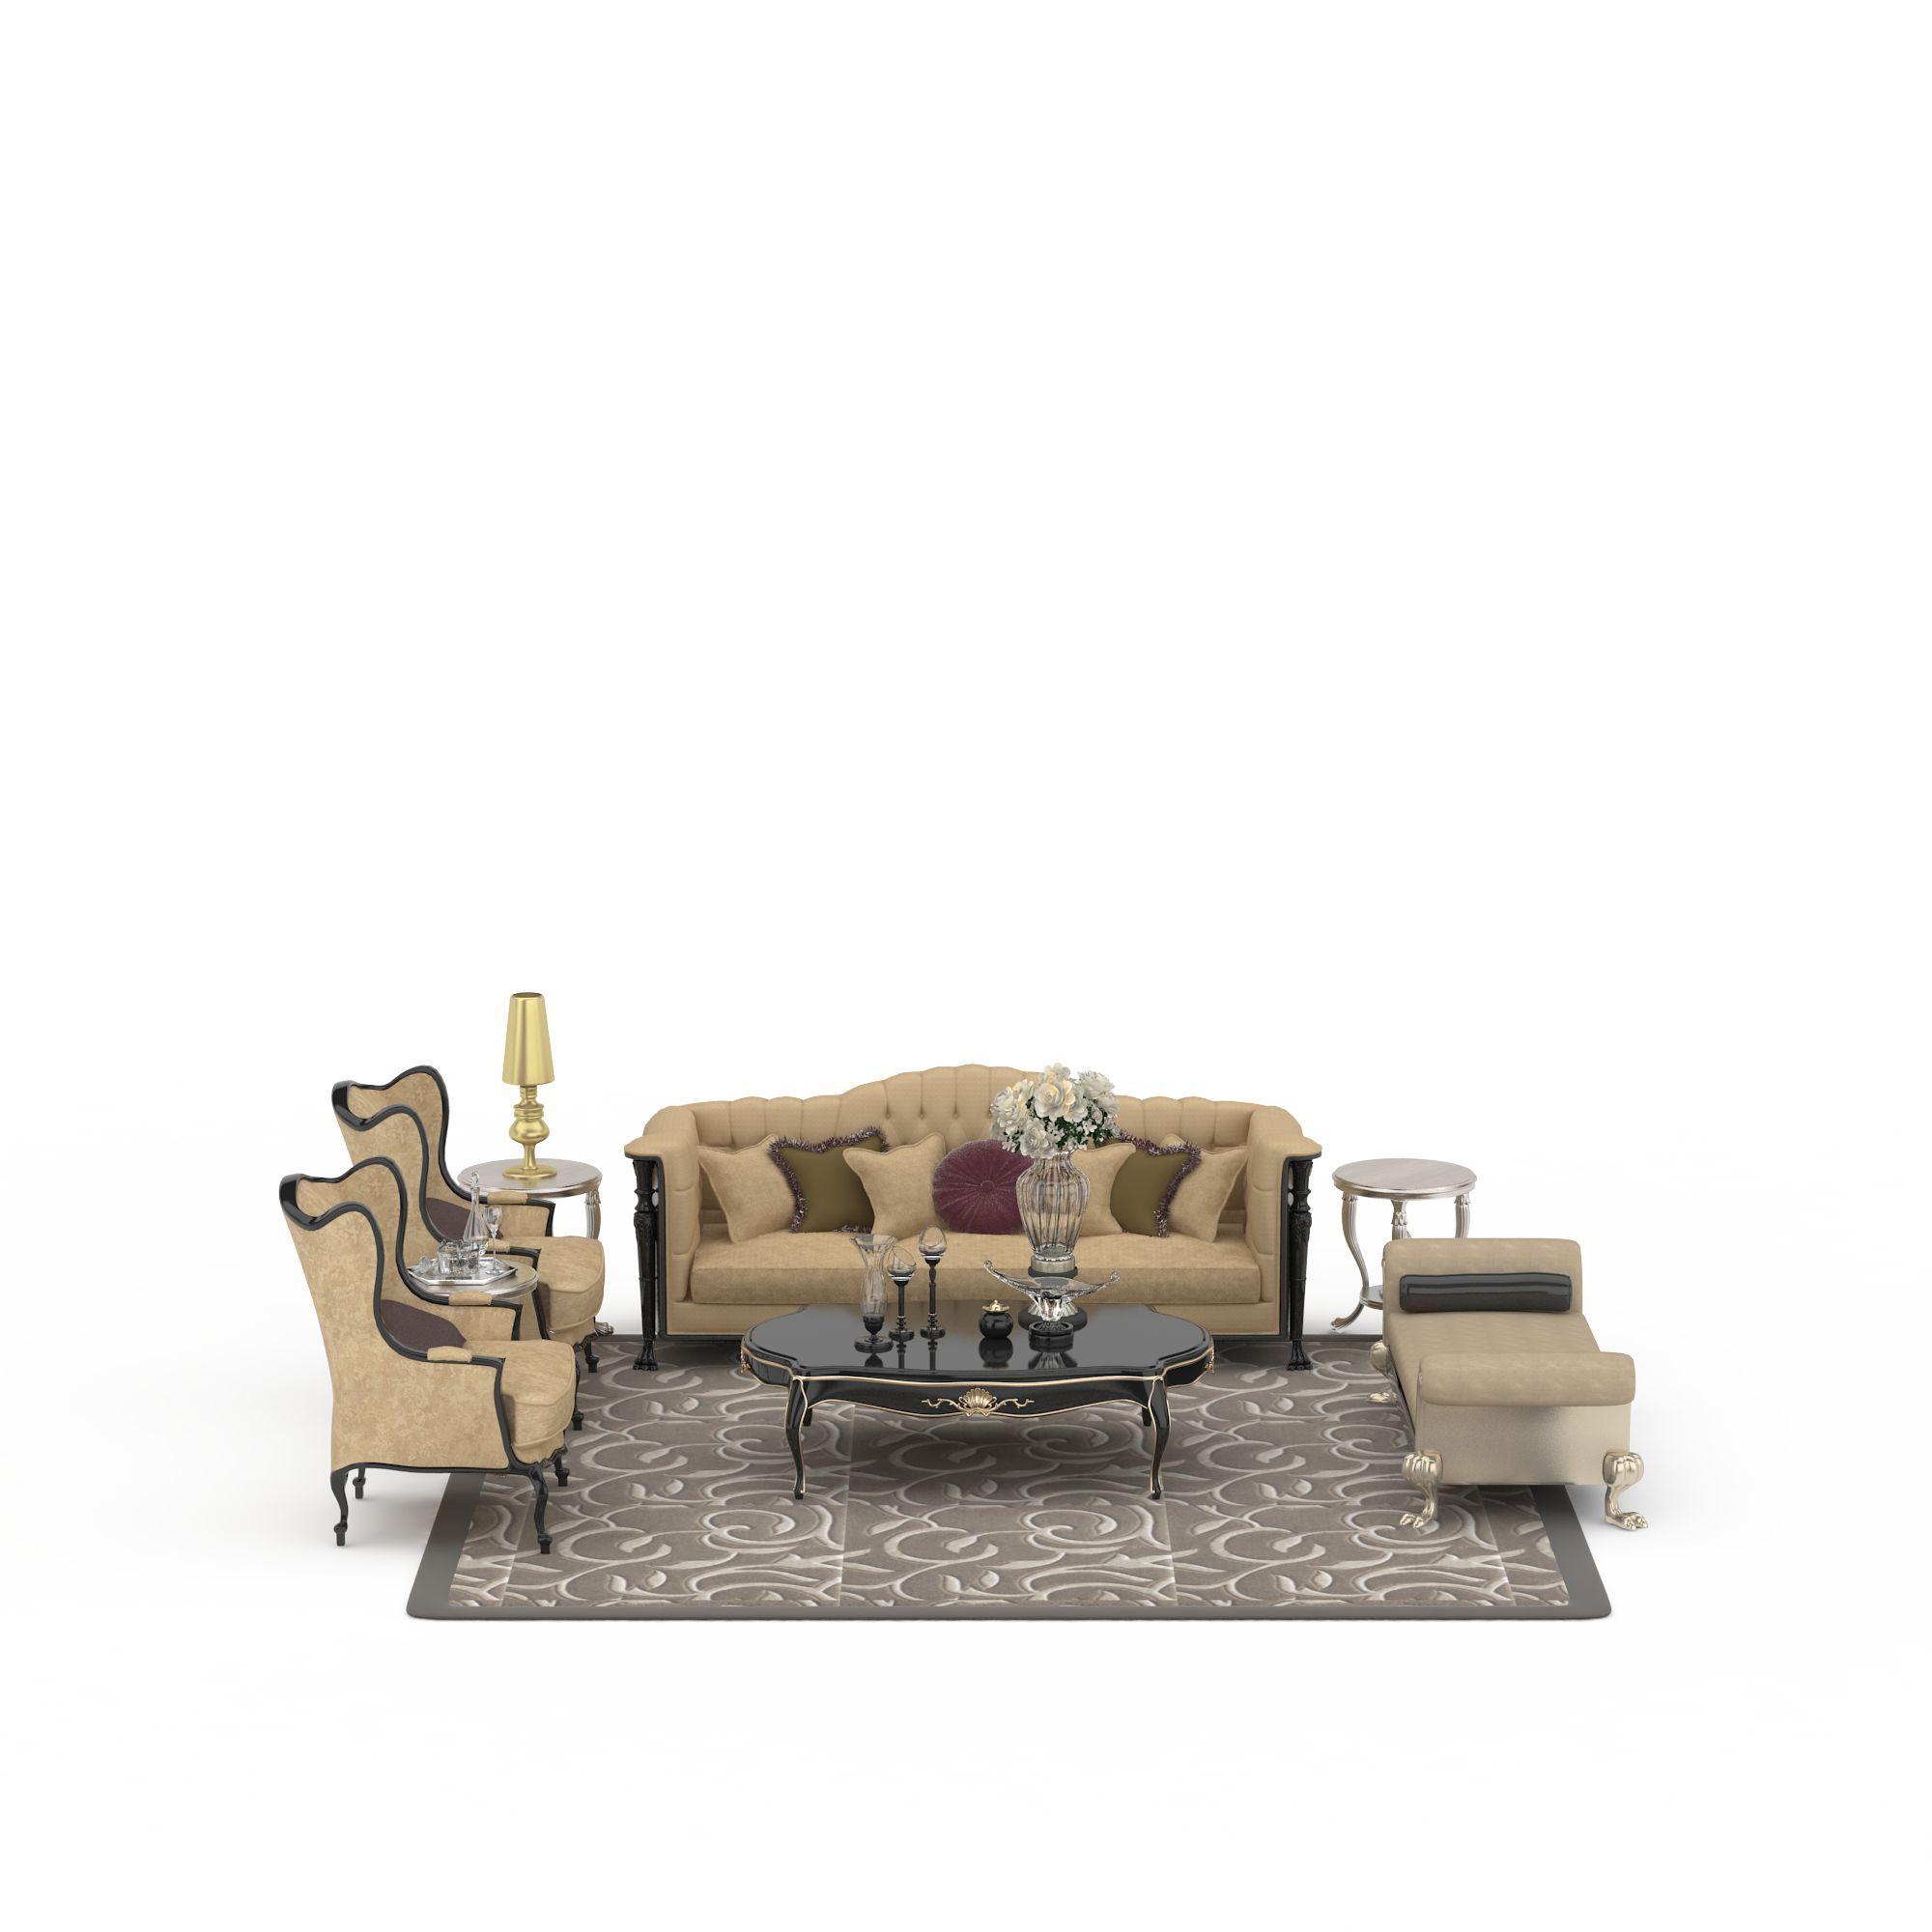 欧式风格沙发组合图片_欧式风格沙发组合png图片素材